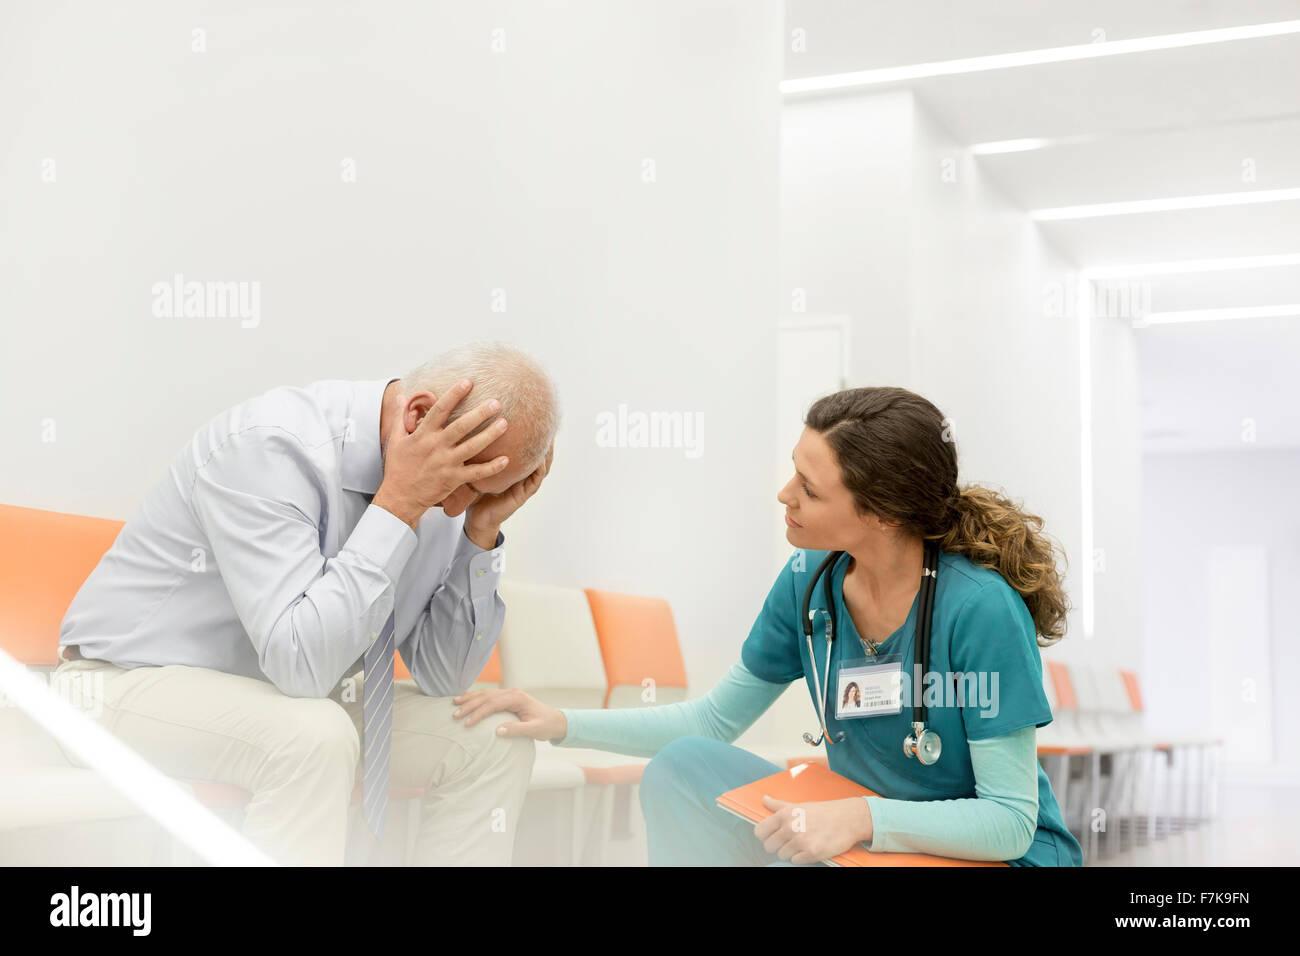 L'infermiera consolante sconvolto l uomo nel corridoio della clinica Immagini Stock